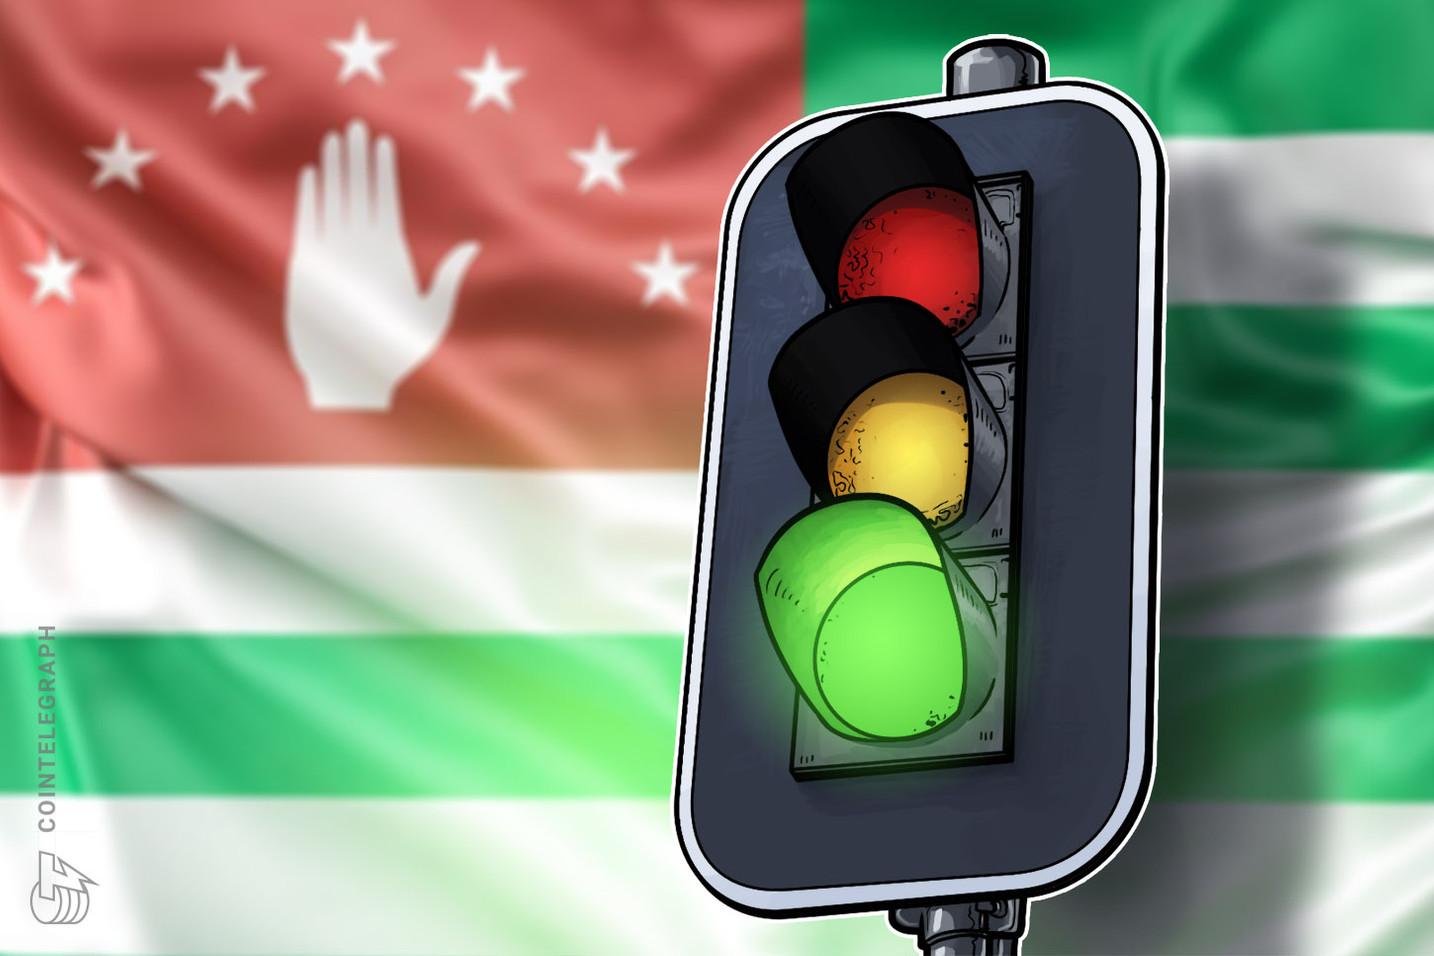 Abkhazia to lift ban on crypto mining